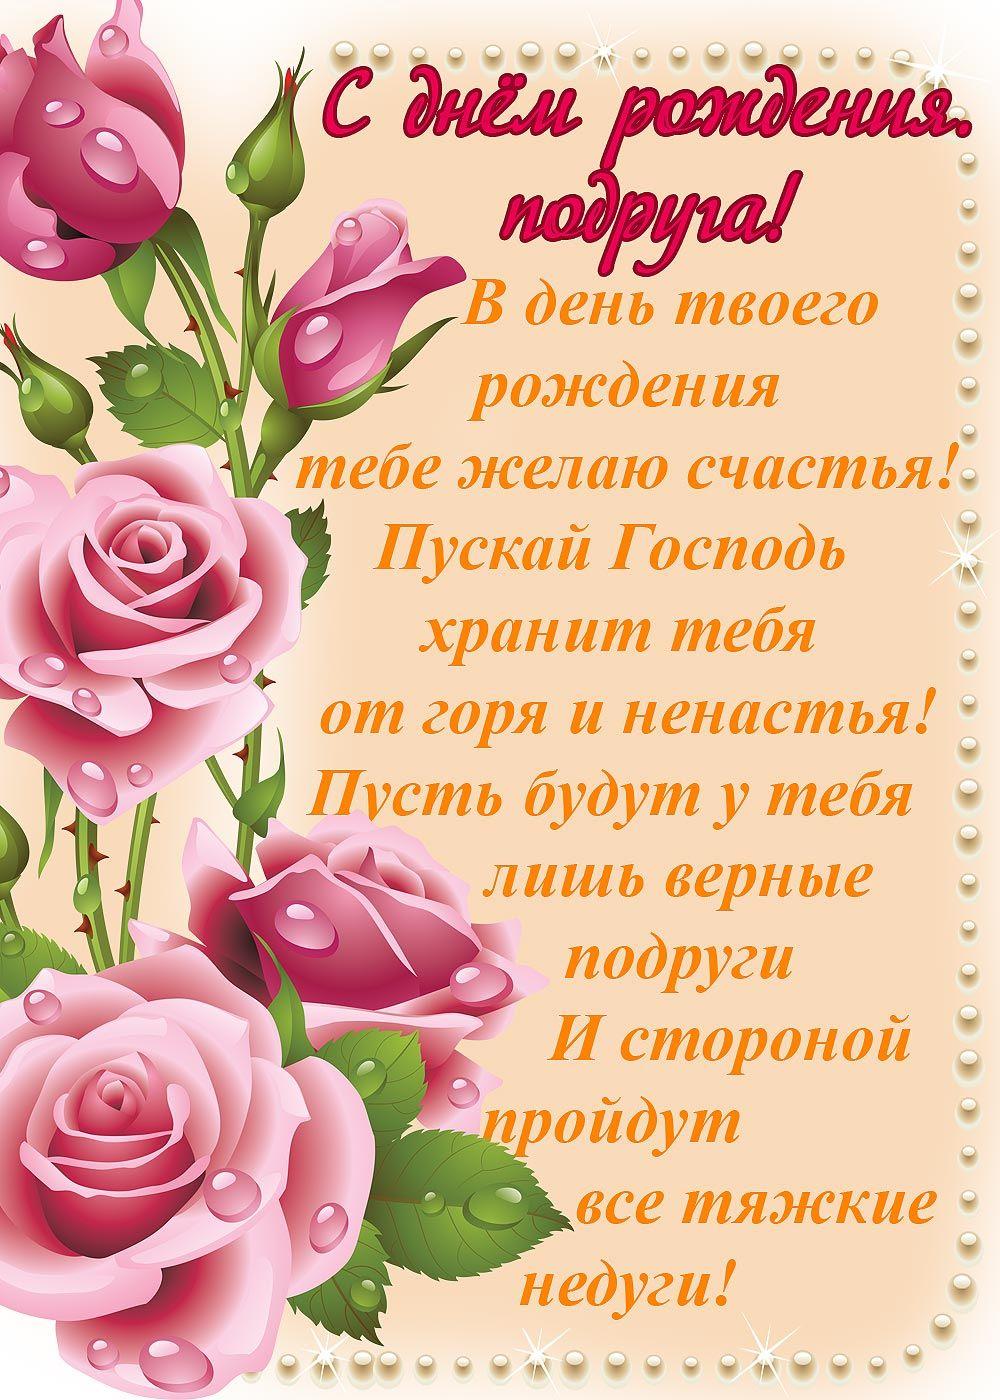 Поздравление подруги с днем рождения искреннее